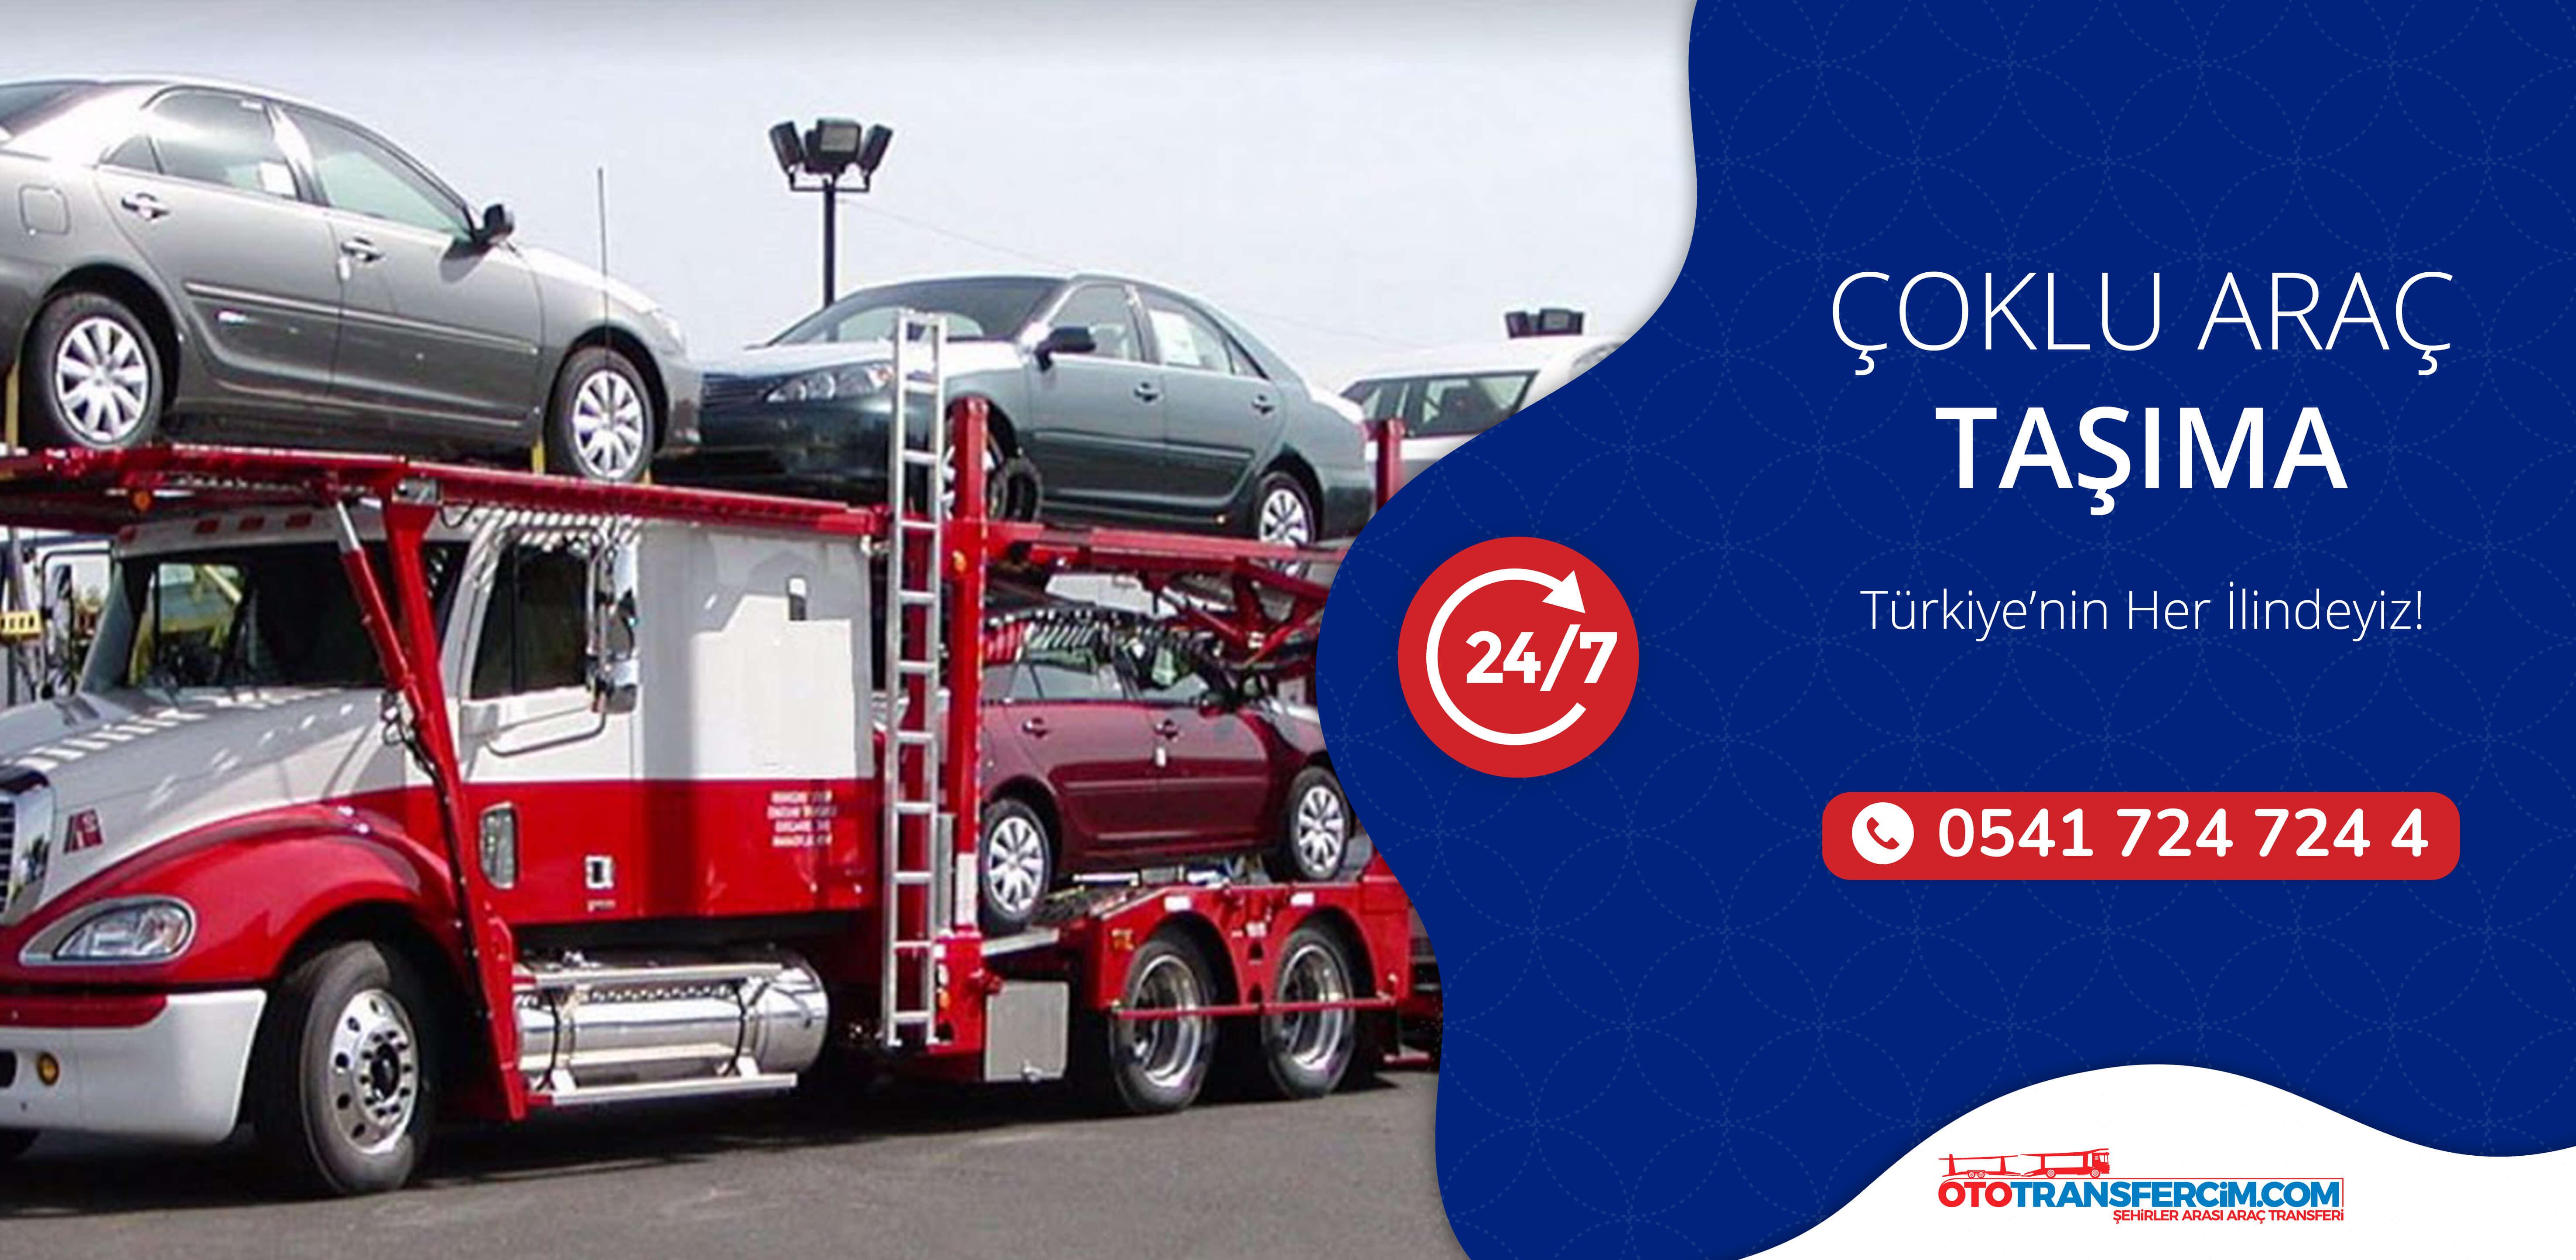 İzmir - Kızılırmak Şehirler Arası Oto Çekici Çoklu Araç Taşıma semtinin neresinde olursanız olun! Yolda kaldığınız da 0541 724 724 4 nolu telefondan bize ulaşın, İzmir - Kızılırmak Şehirler Arası Oto Çekici Çoklu Araç Taşıma Çekicimizi hemen yönlendirelim